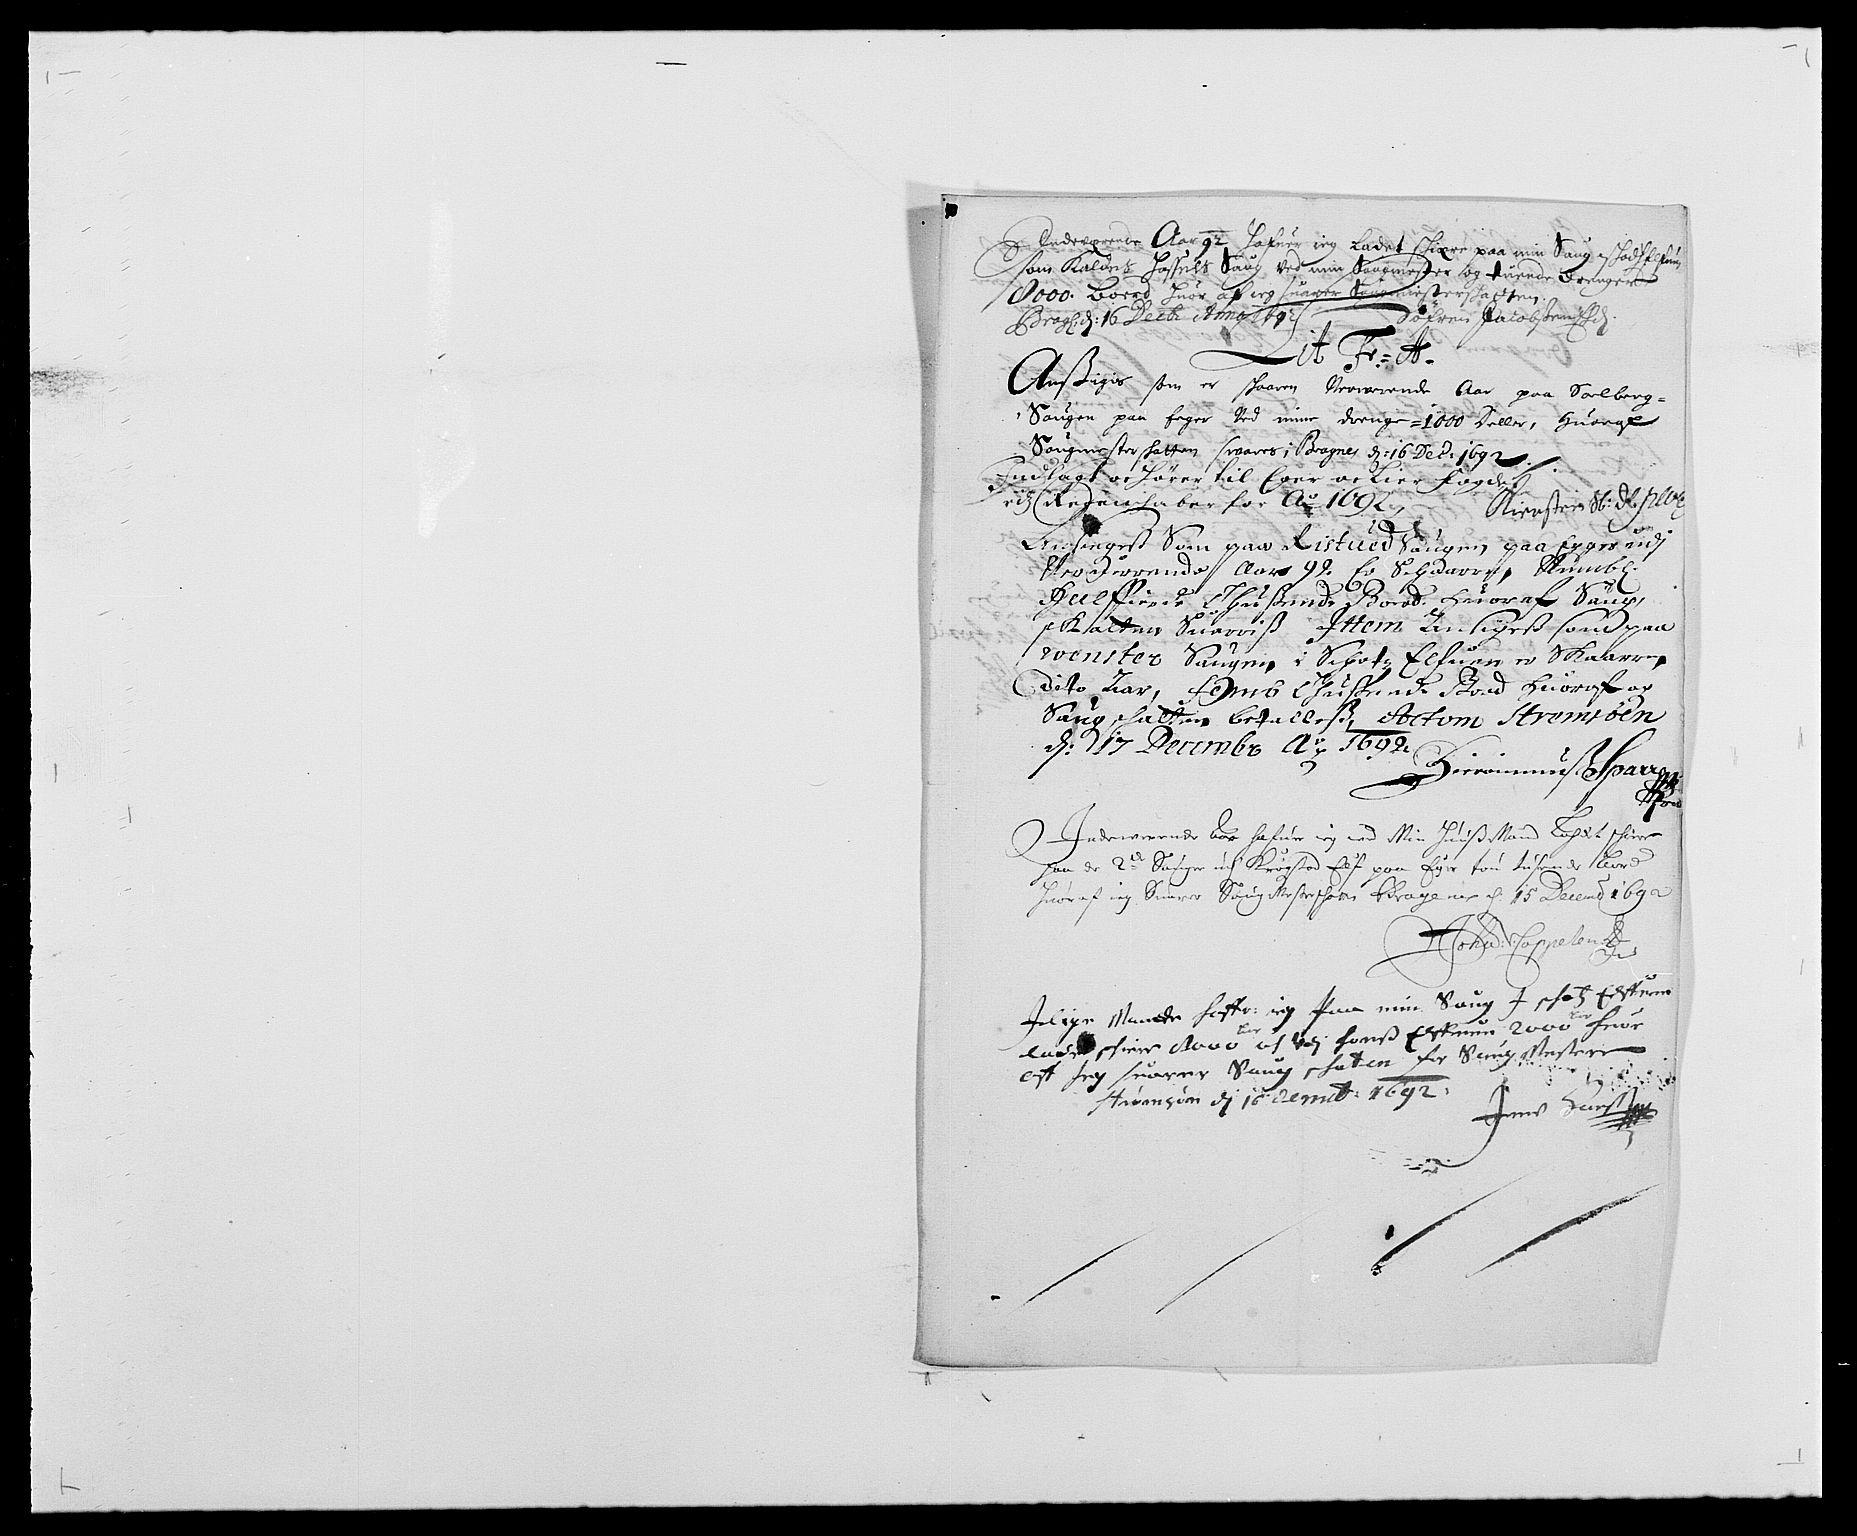 RA, Rentekammeret inntil 1814, Reviderte regnskaper, Fogderegnskap, R28/L1690: Fogderegnskap Eiker og Lier, 1692-1693, s. 65